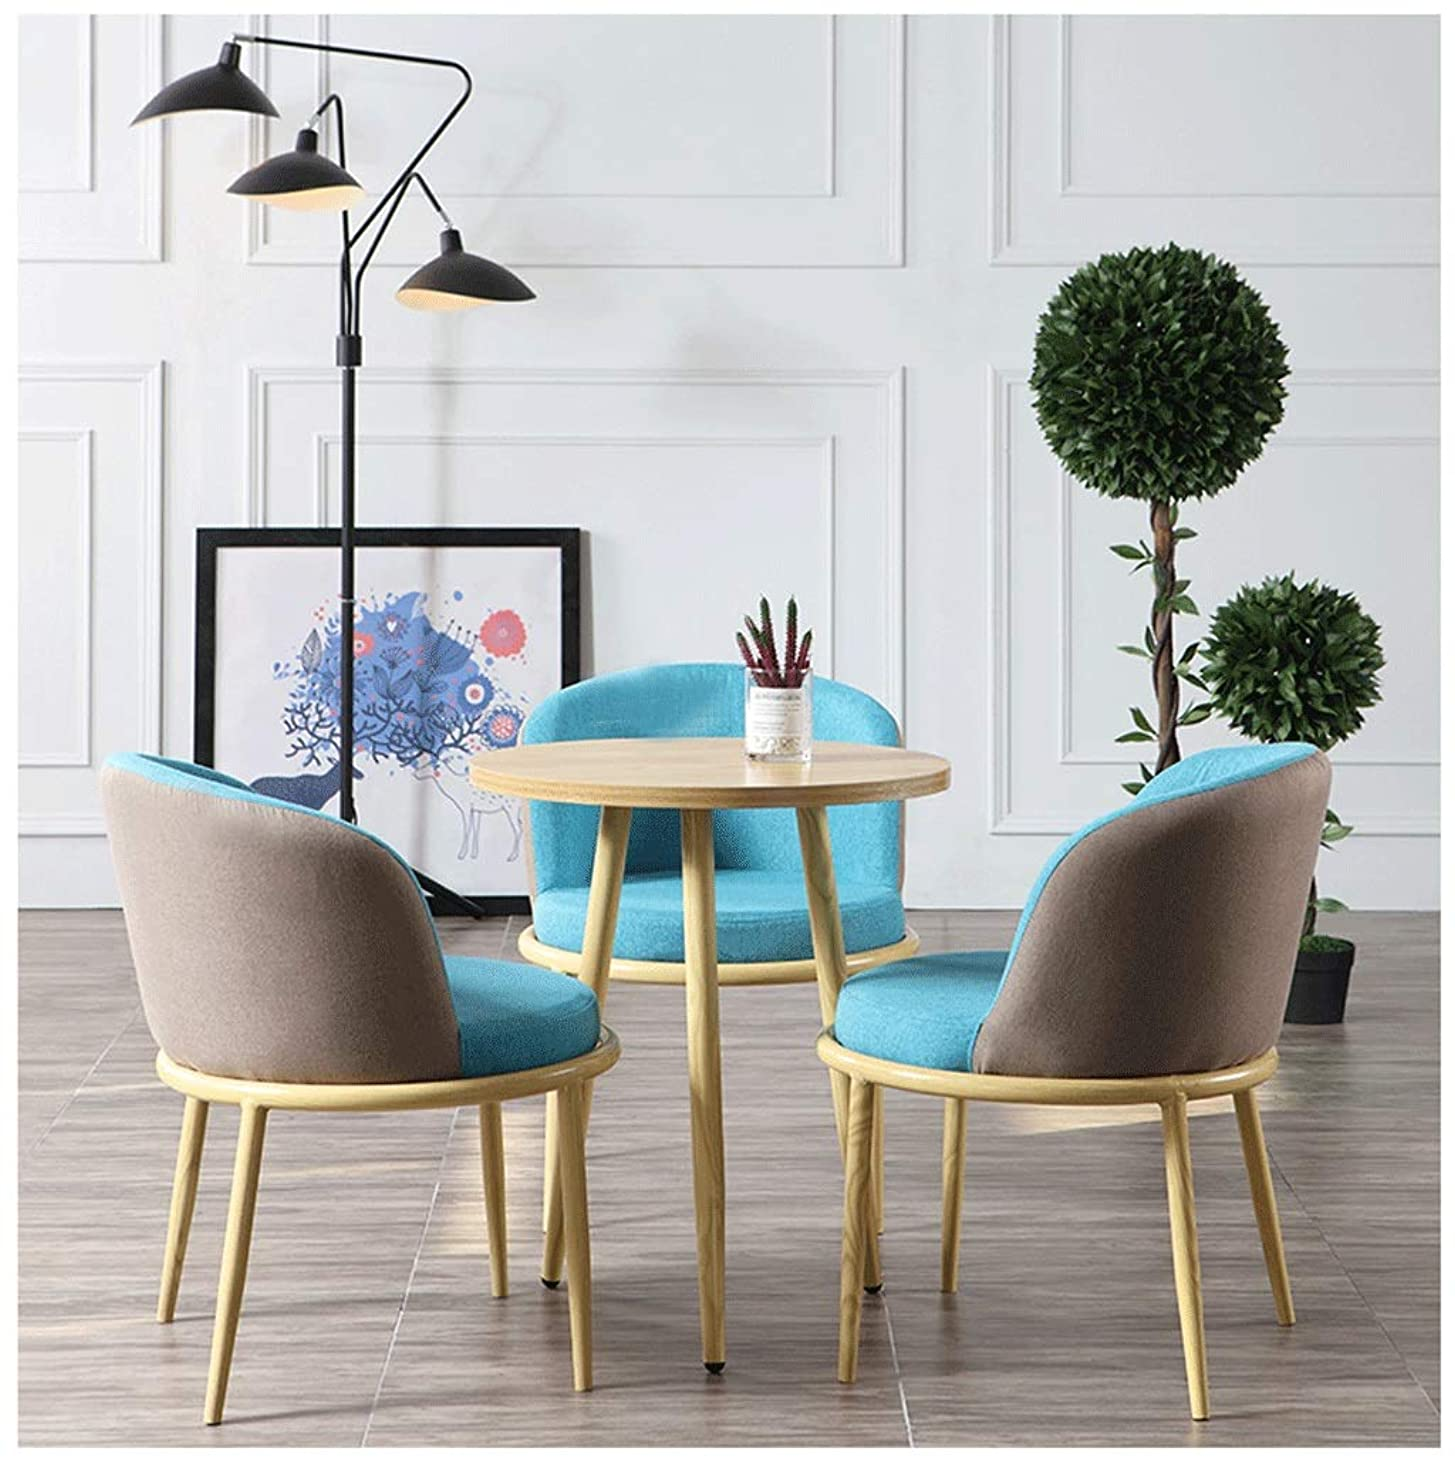 社説大きさ薄いです交渉のテーブルと椅子の組み合わせオフィスホテルフロントデスクラウンジ受付バルコニーリビングルームのベッドルームの研究コーヒーショップティーショップベーカリーケーキ屋ショッピングモールスーパーマーケットのレストラン1テーブル3椅子 (Color : Brown blue cloth)